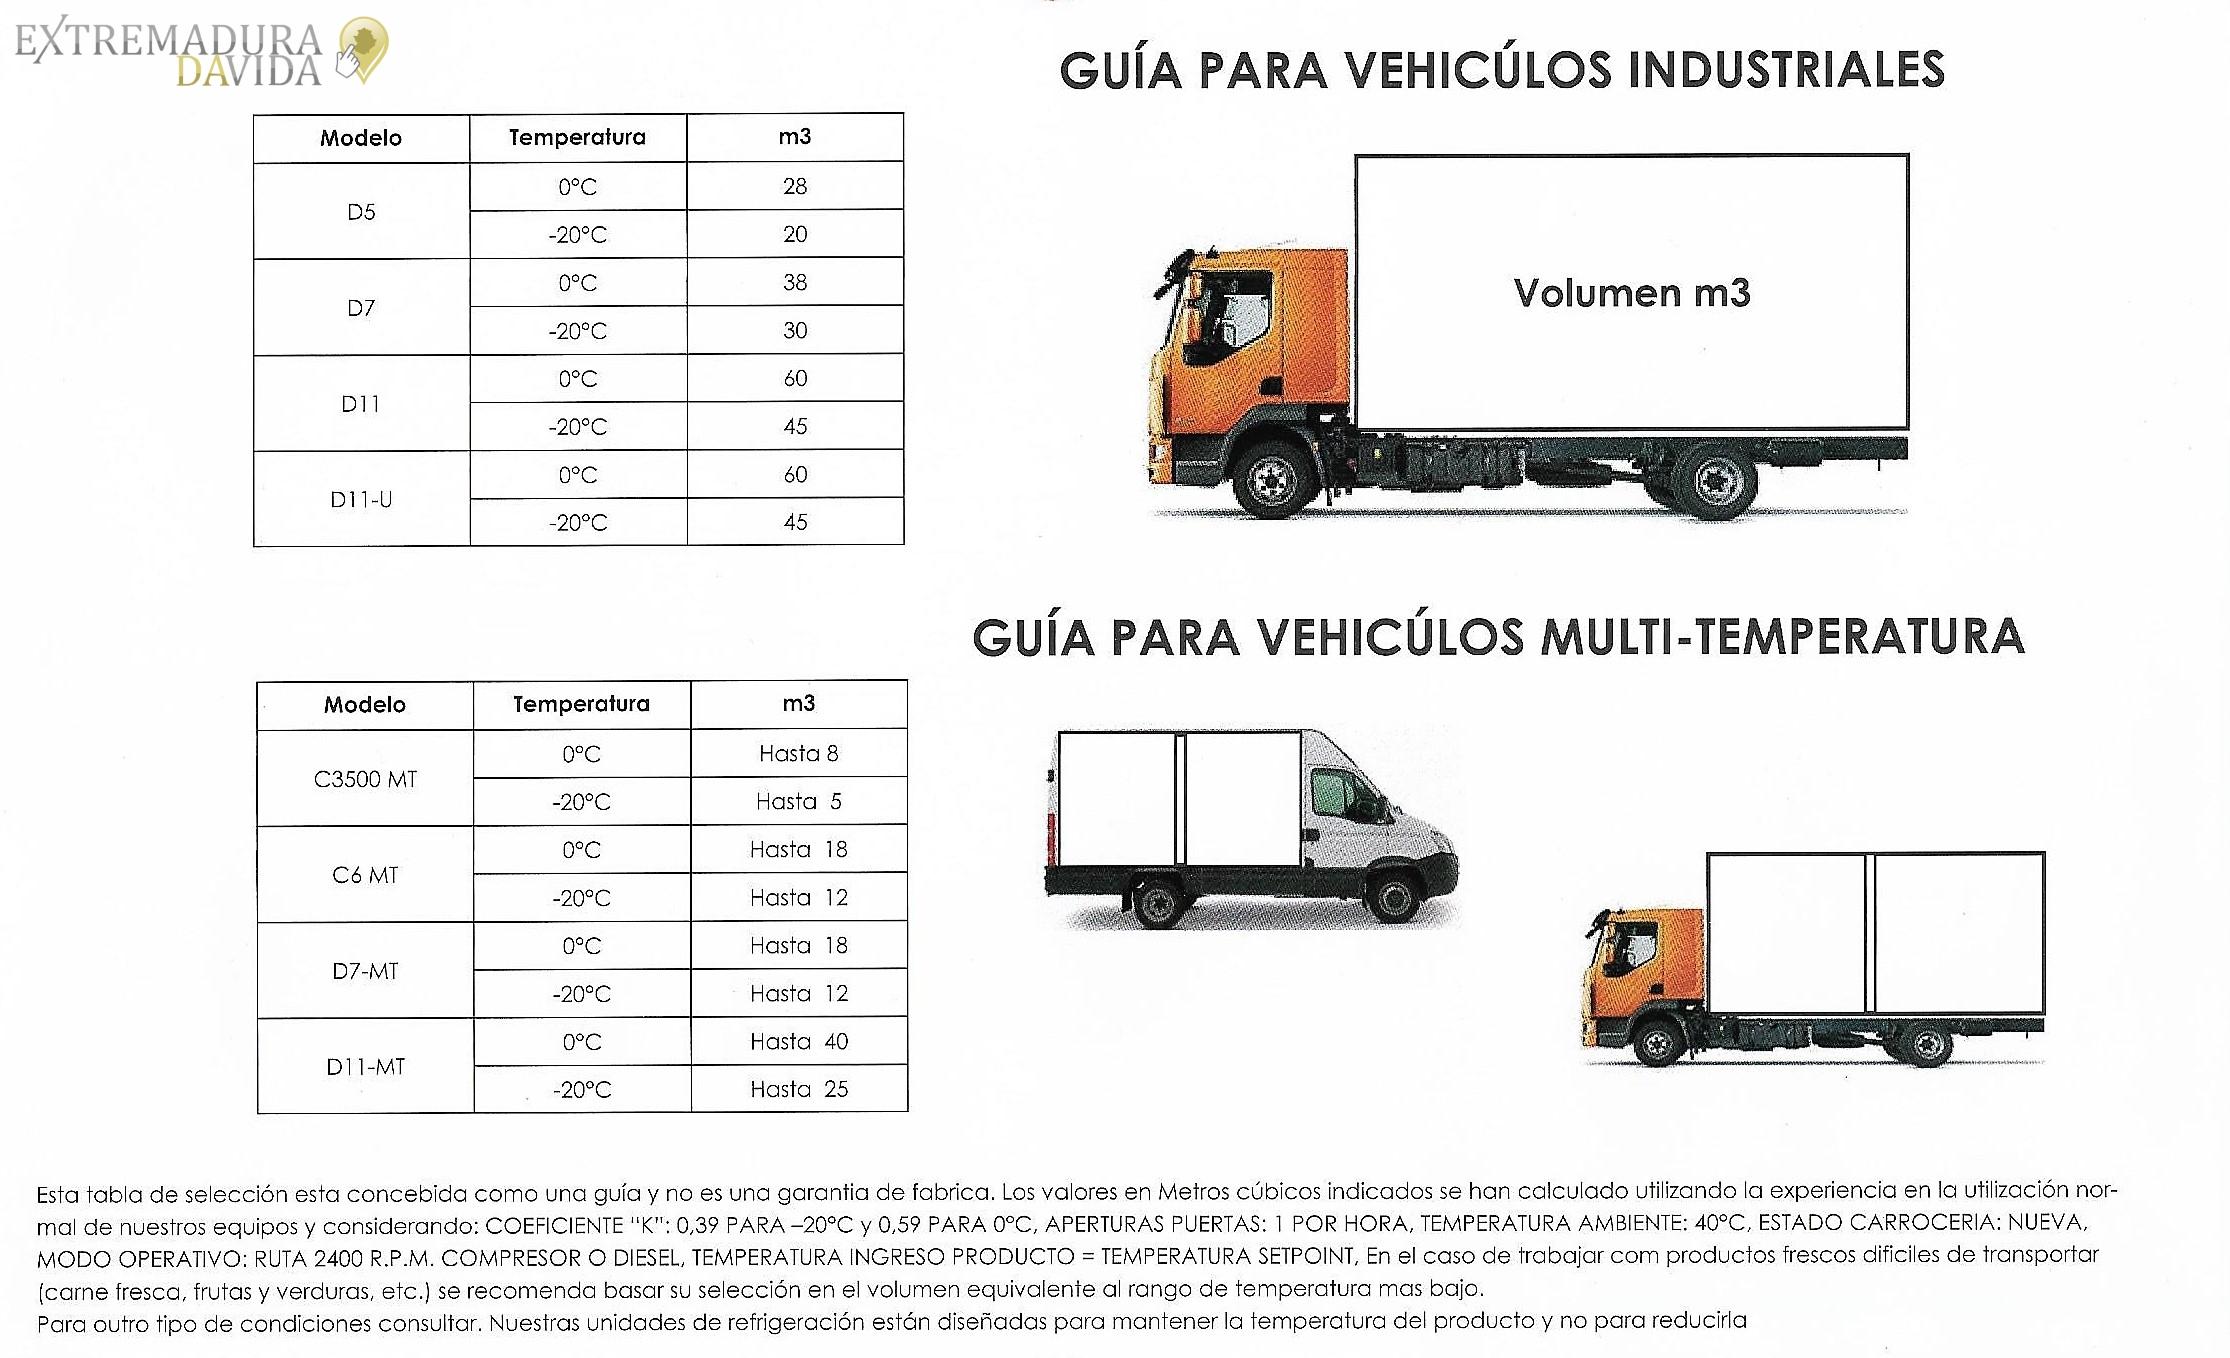 Taller de mecánica general y refrigeración de transportes Cáceres Victor